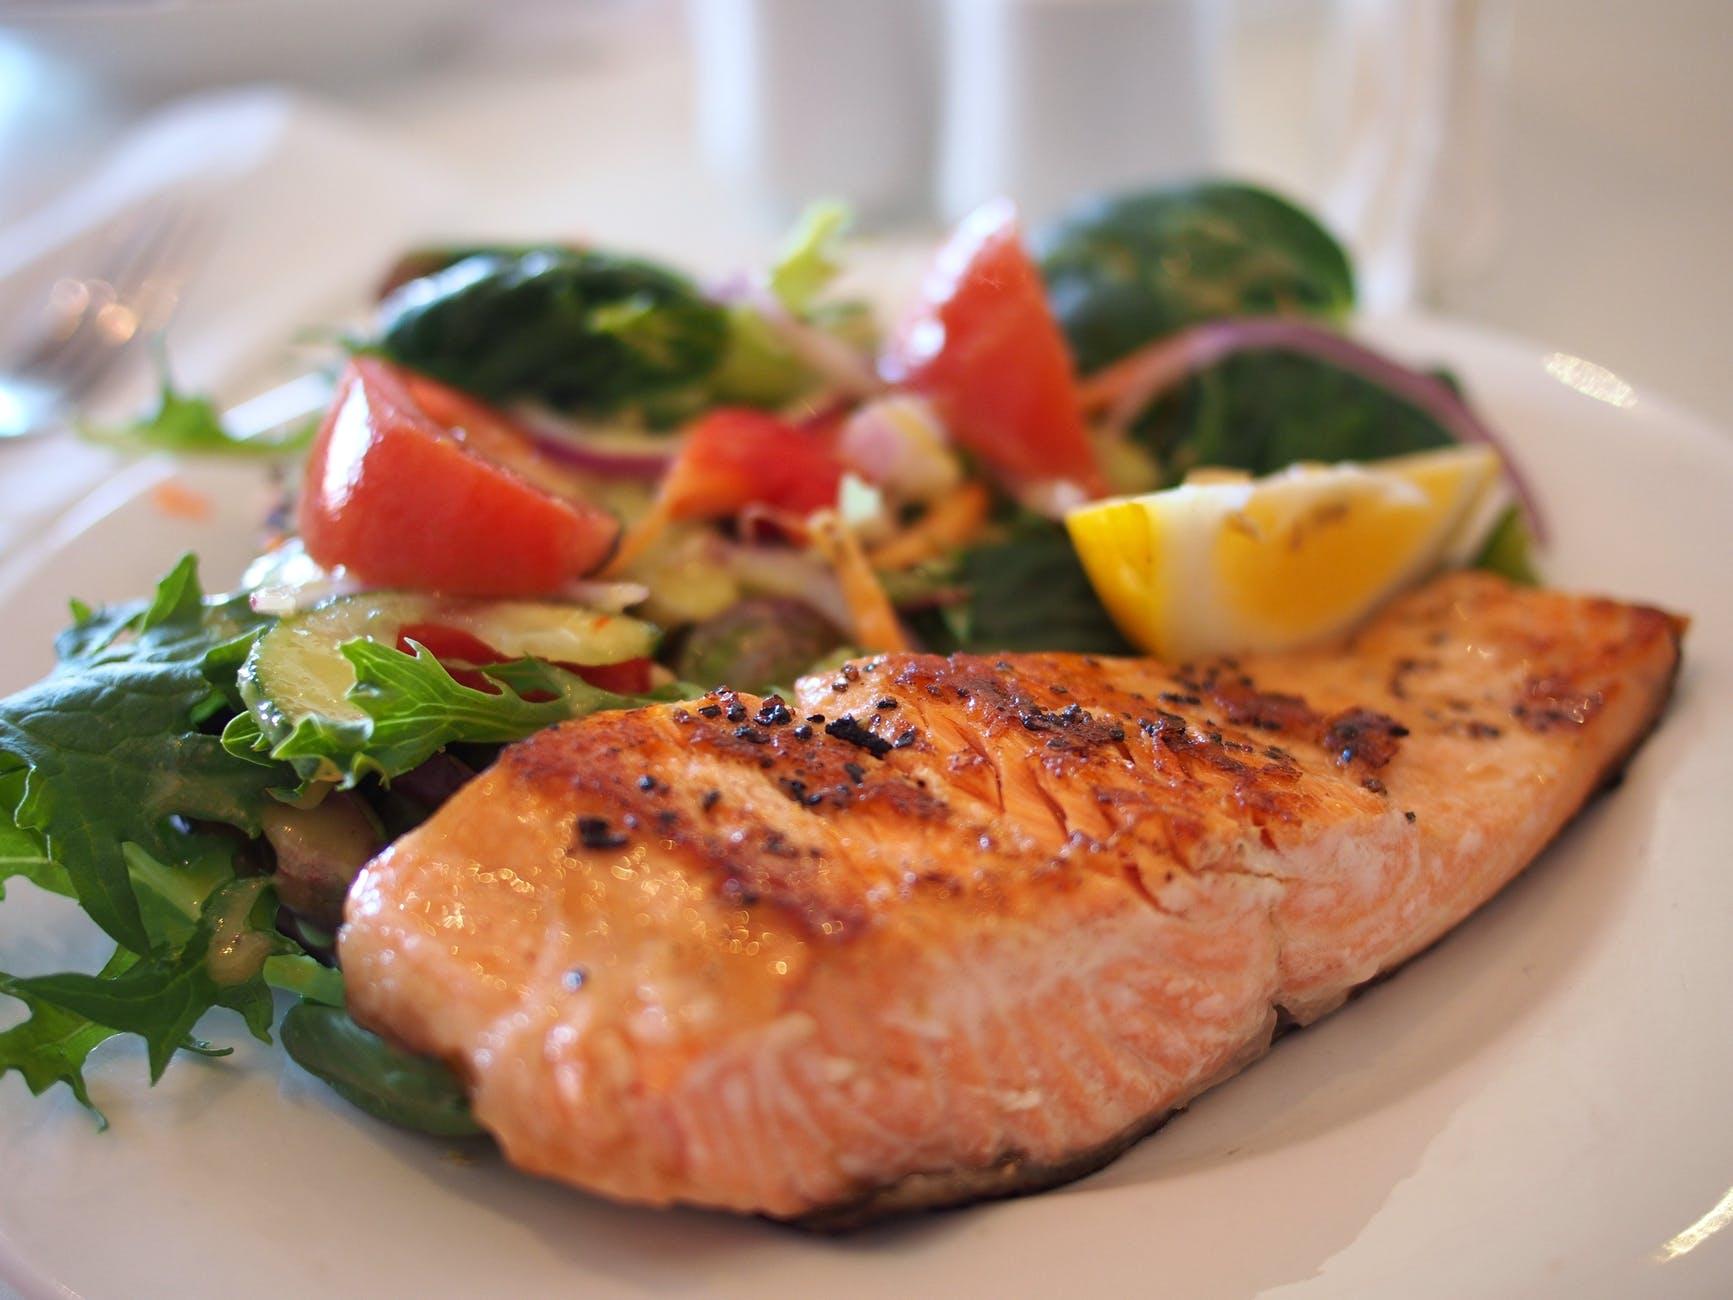 salmon-dish-food-meal-46239.jpg